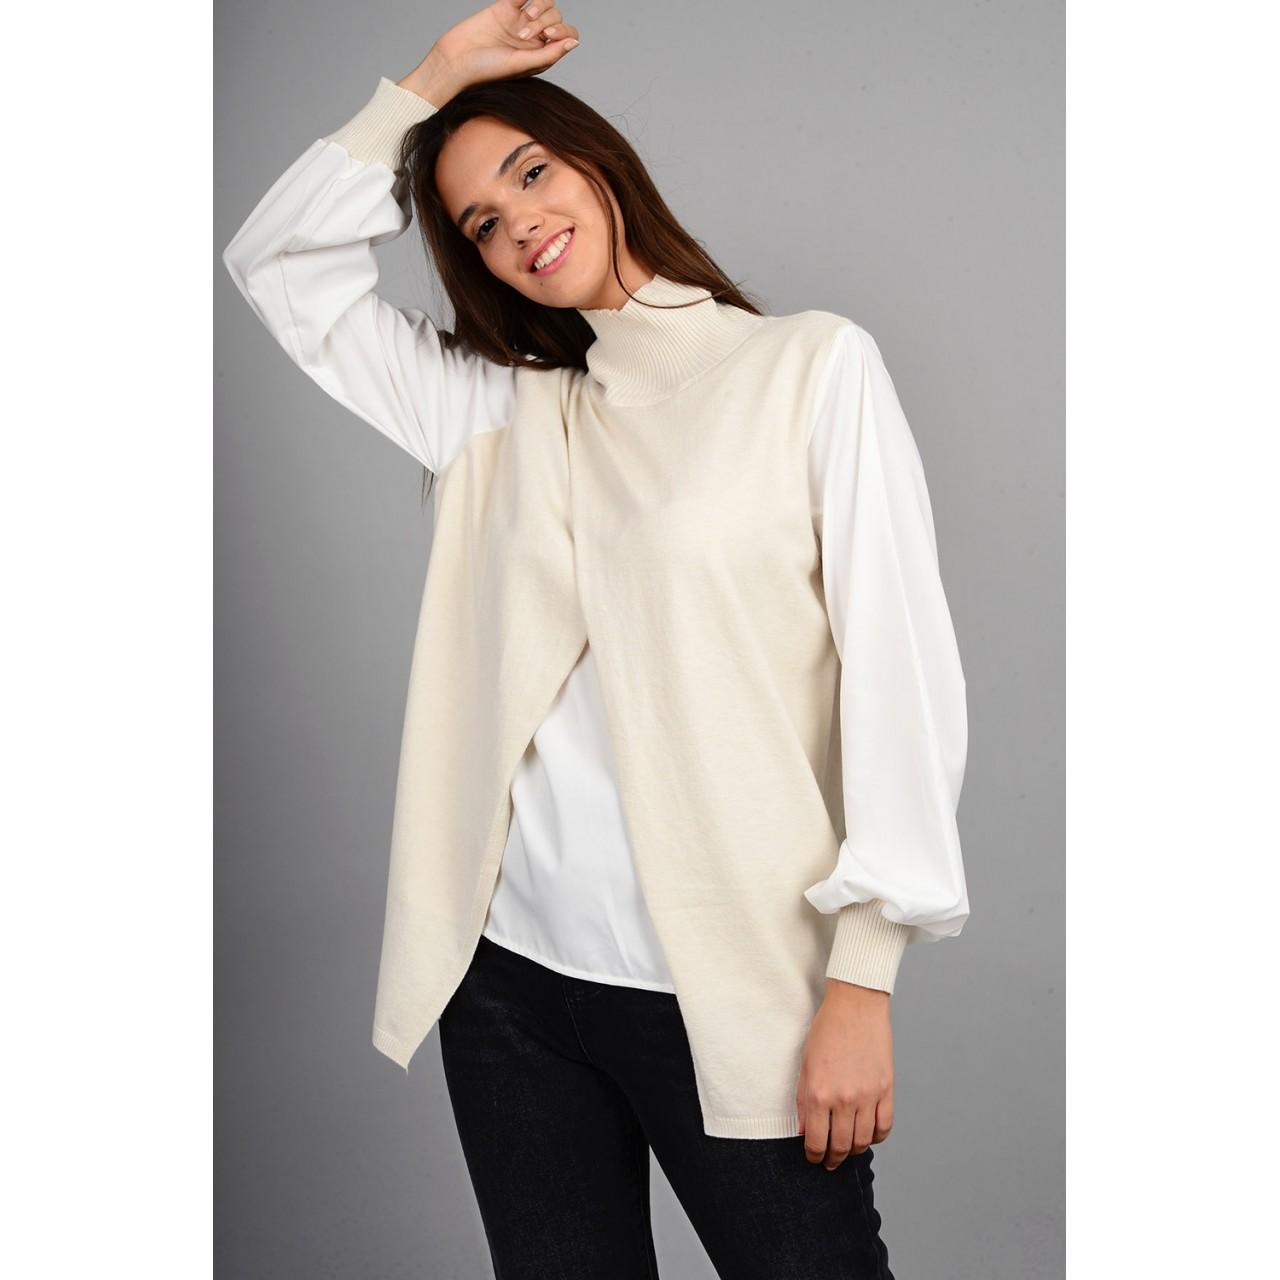 Πλεκτό με εσωτερικό και μανίκια πουκαμίσου μπεζ Limited Edition